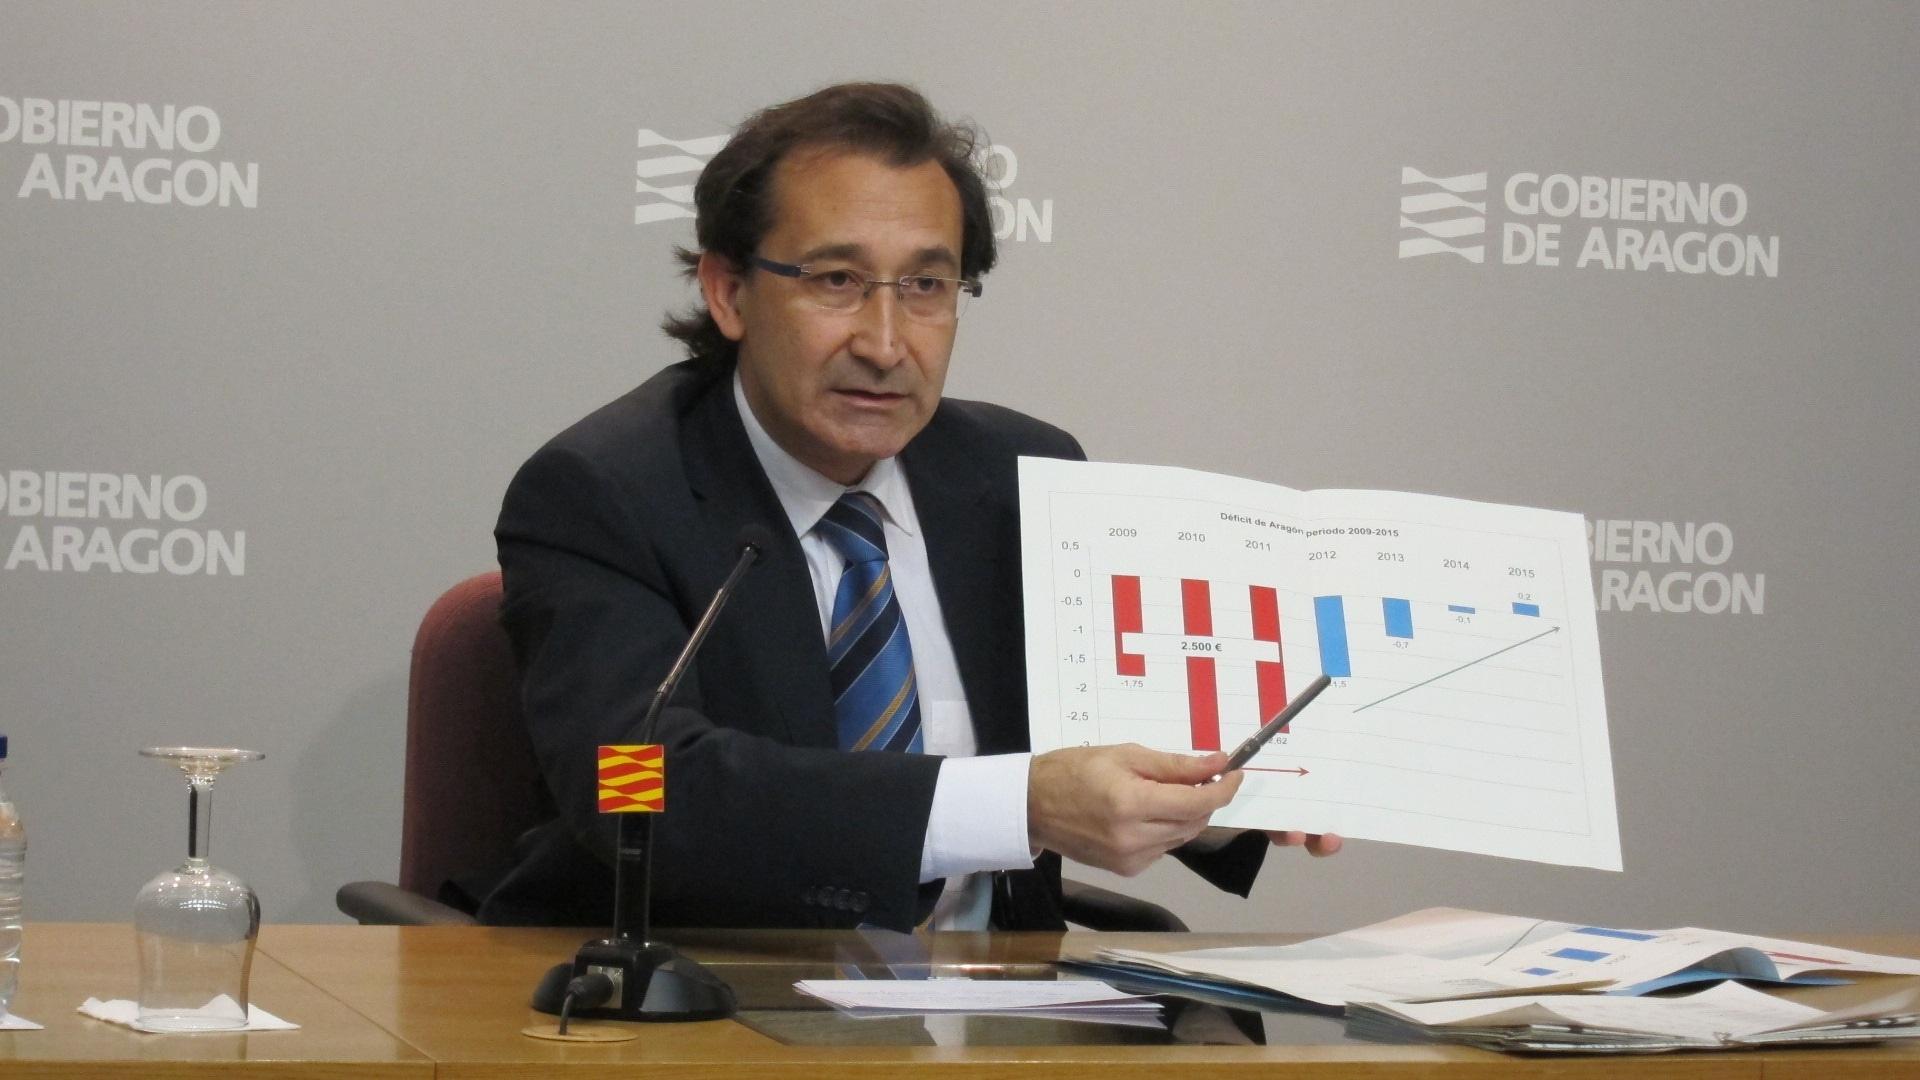 Aragón cumple el objetivo del déficit en 2012, con el 1,47% frente al 1,5 previsto